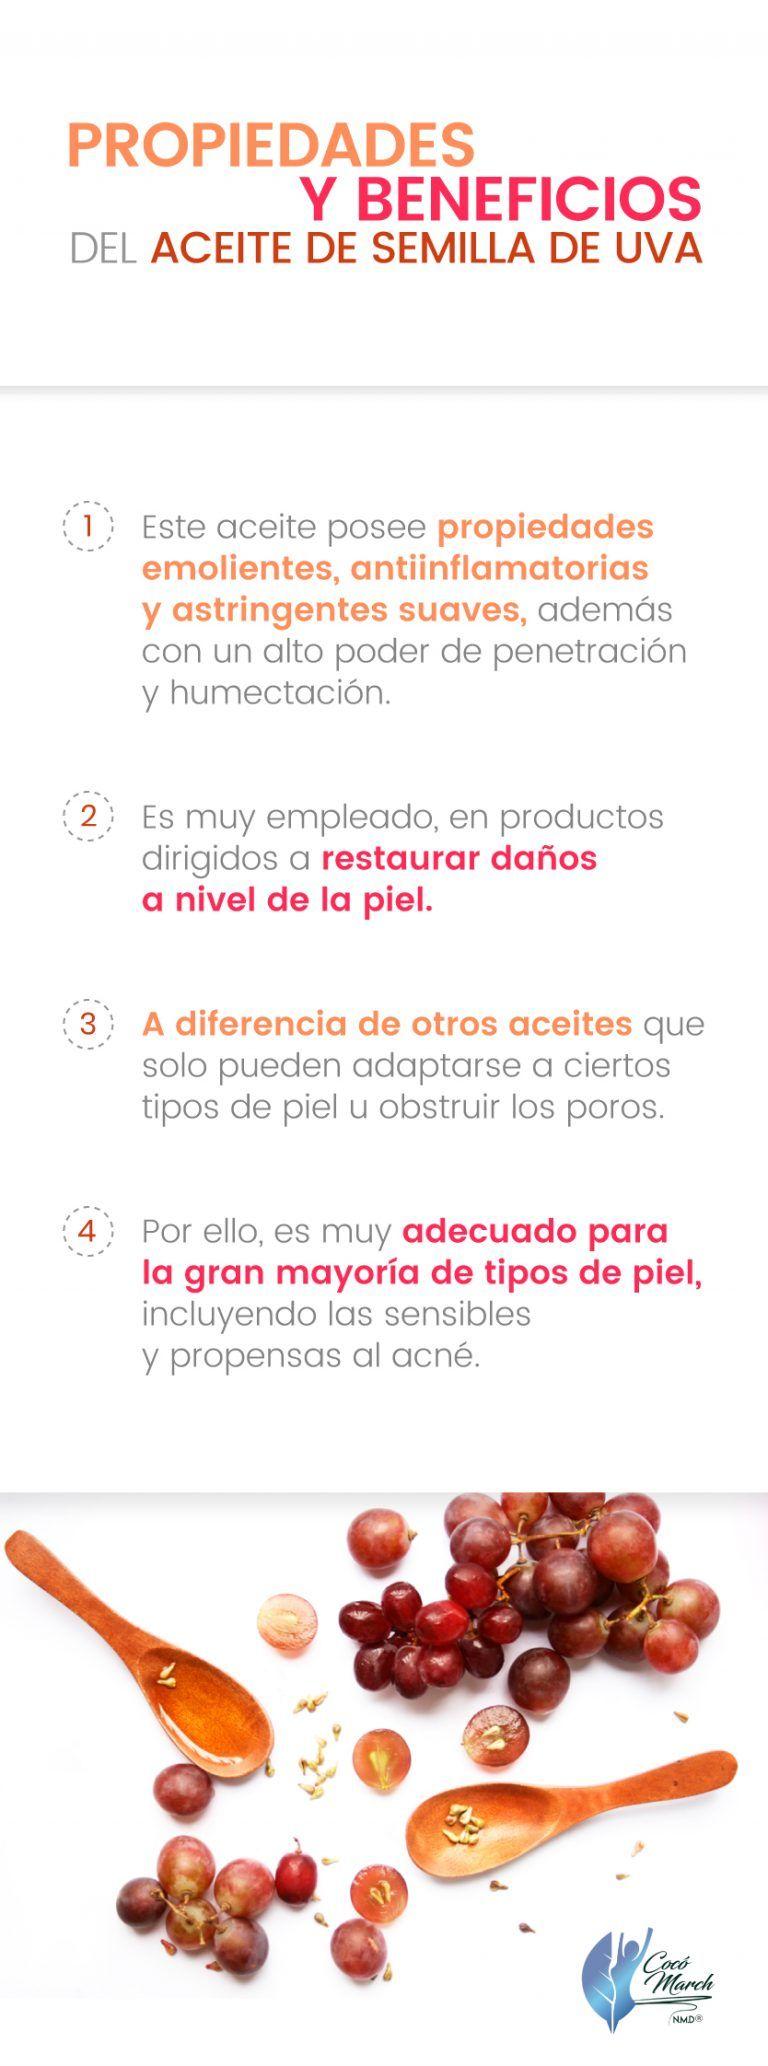 Cómo Usar El Aceite De Semilla De Uva Para Tu Piel Coco March Aceite De Semilla De Uva Semillas De Uva Aceite De Uva